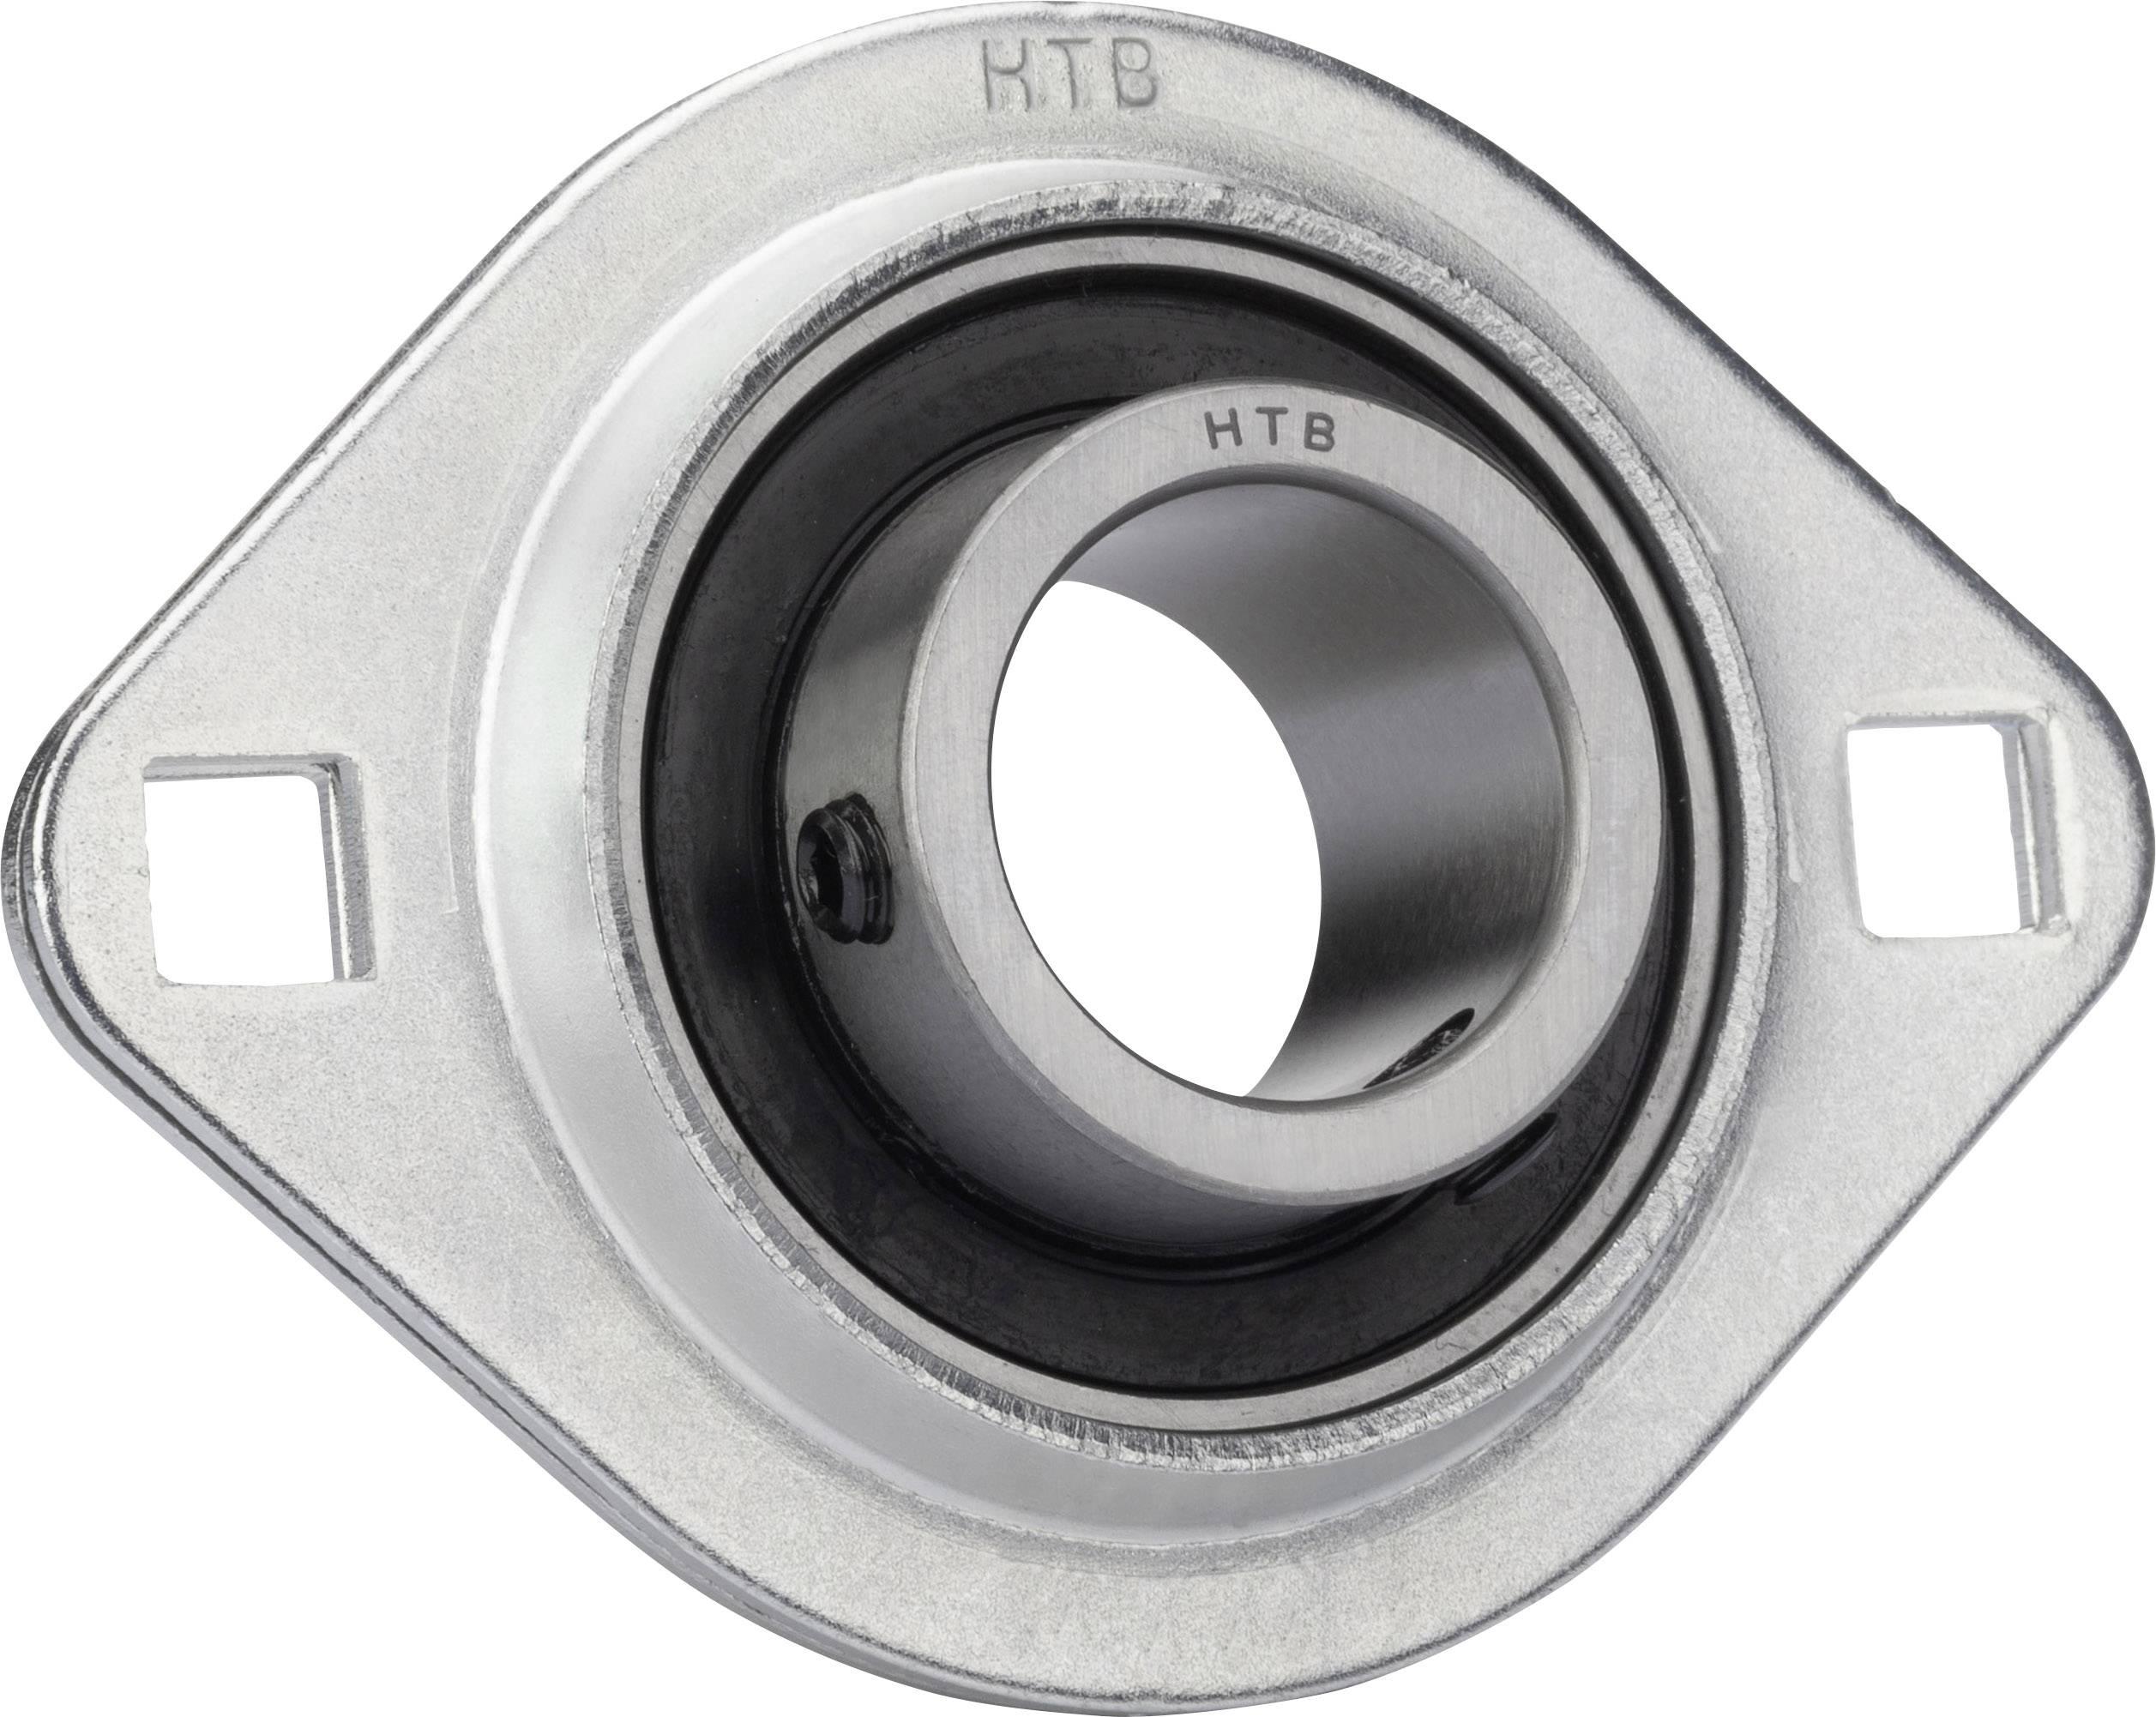 Prírubové ložisko HTB SBPFL 205, Ø otvoru 25 mm